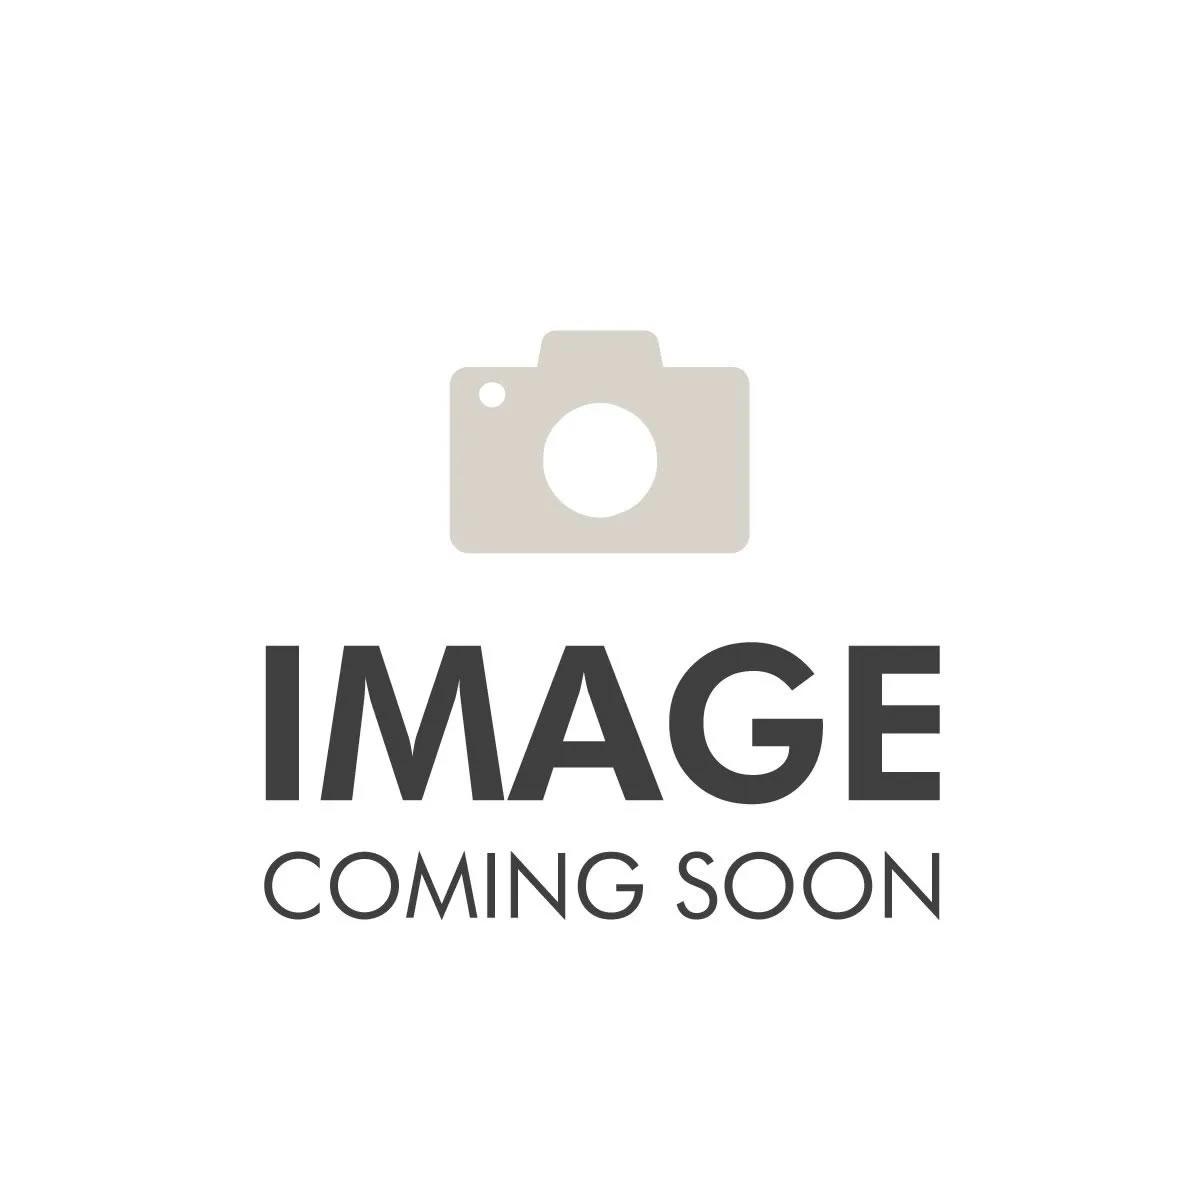 Aluminum Front Xhd Bumper Ends 07-12 Jeep JK Wrangler